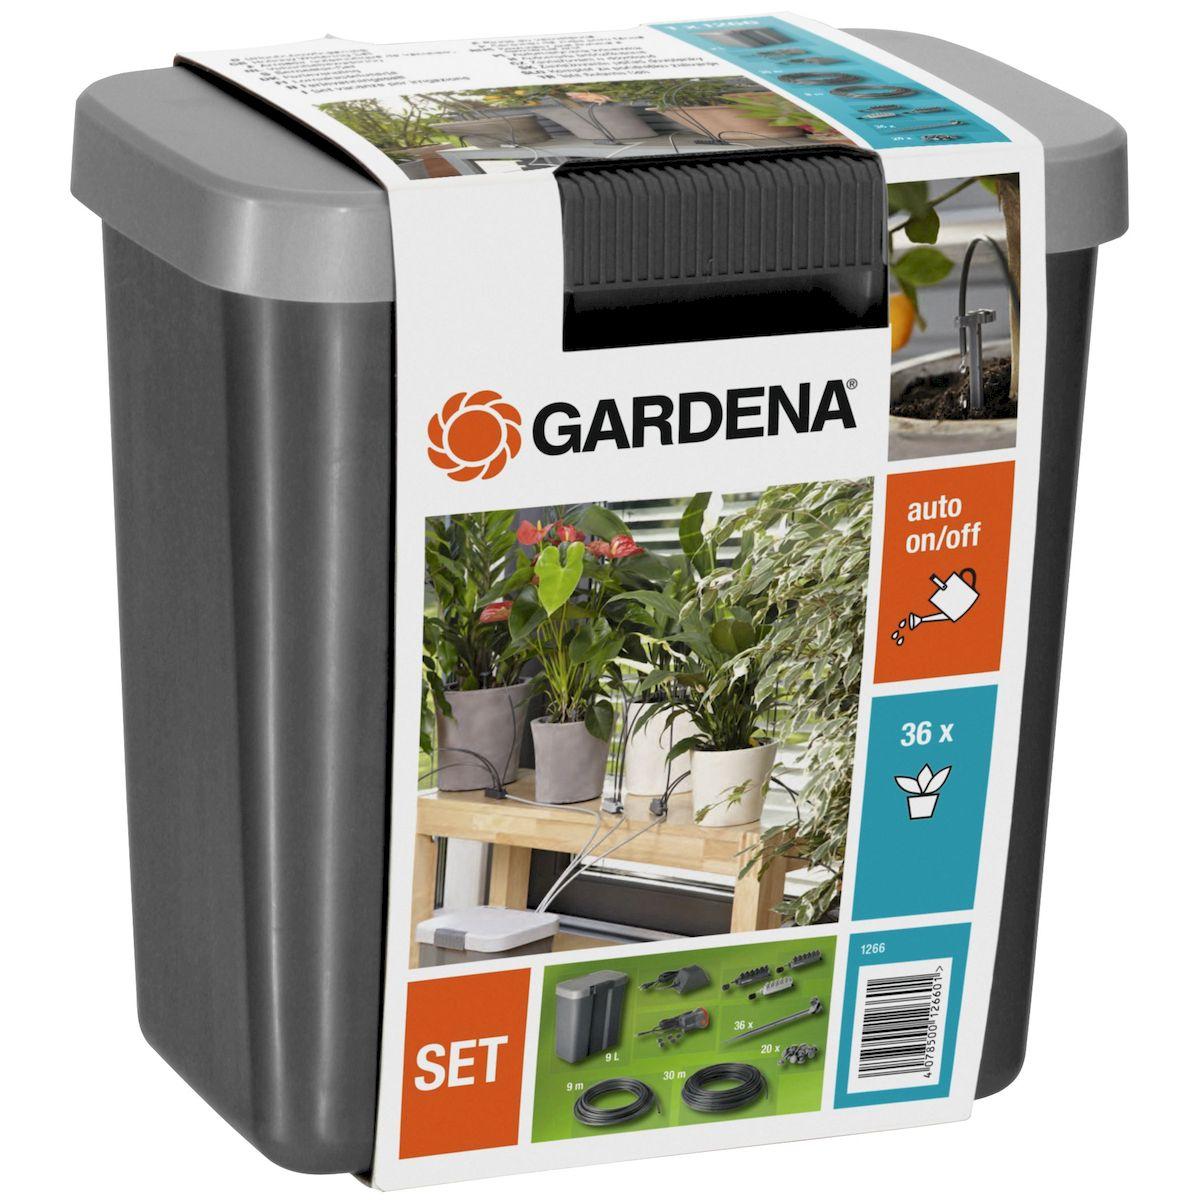 Комплект для полива в выходные дни Gardena, с емкостью на 9 лА00319Комплект для полива в выходные дни Gardena с емкостью на 9 литров- предназначен для полностью автоматизированного полива комнатных растений во время вашего отсутствия (например, в отпуске). Он может также использоваться для полива растенийв цветочных ящиках на балконах и на крышах-террасах. Комплект не может применяться в местах общественного пользования,на спортивных объектах, парках, в сельском и лесном хозяйстве.Принцип действия комплекта для полива заключается в следующем: подача насосом воды из емкости к отдельным растениям по 1 минуте, благодаря таймеру, встроенному в трансформатор с девятилитровой емкостью.Одновременно можно поливать до 36 растений. В первую очередь требуется определить количество воды, необходимое растениям ежедневно. Чтобы почувствовать правильную дозировку воды, можно испытать систему до начала отпуска в течение нескольких дней.При перебоях в подаче электроэнергии, насос каждый раз запускается автоматически, и продолжает работать по первоначально заданной программе после ее возобновления.Когда вы расставляете цветочные горшки, рекомендуется выбирать места, которые расположены в зоне действия солнечных лучей, но не слишком близко от окна, лучше всего на расстоянии приблизительно 1 м. Помните, что потребление воды каждым отдельным растением может меняться, если переместить его на другое место. В теплых и светлых местах они нуждаются в большем количестве воды, чем в темных и прохладных.Можно распределить цветочные горшки по группам и присоединить к каждой группе соответствующий капельный распределитель. Светло-серый капельный распределитель 1 расходует приблизительно 15 мл на один канал в день, что соответствует содержанию как минимум стакана воды, предназначен для растений с незначительным потреблением воды. Серый капельный распределитель 2, используется для растений со средним потреблением воды. Расходует приблизительно 30 мл на один канал в день, что соответствует содержани